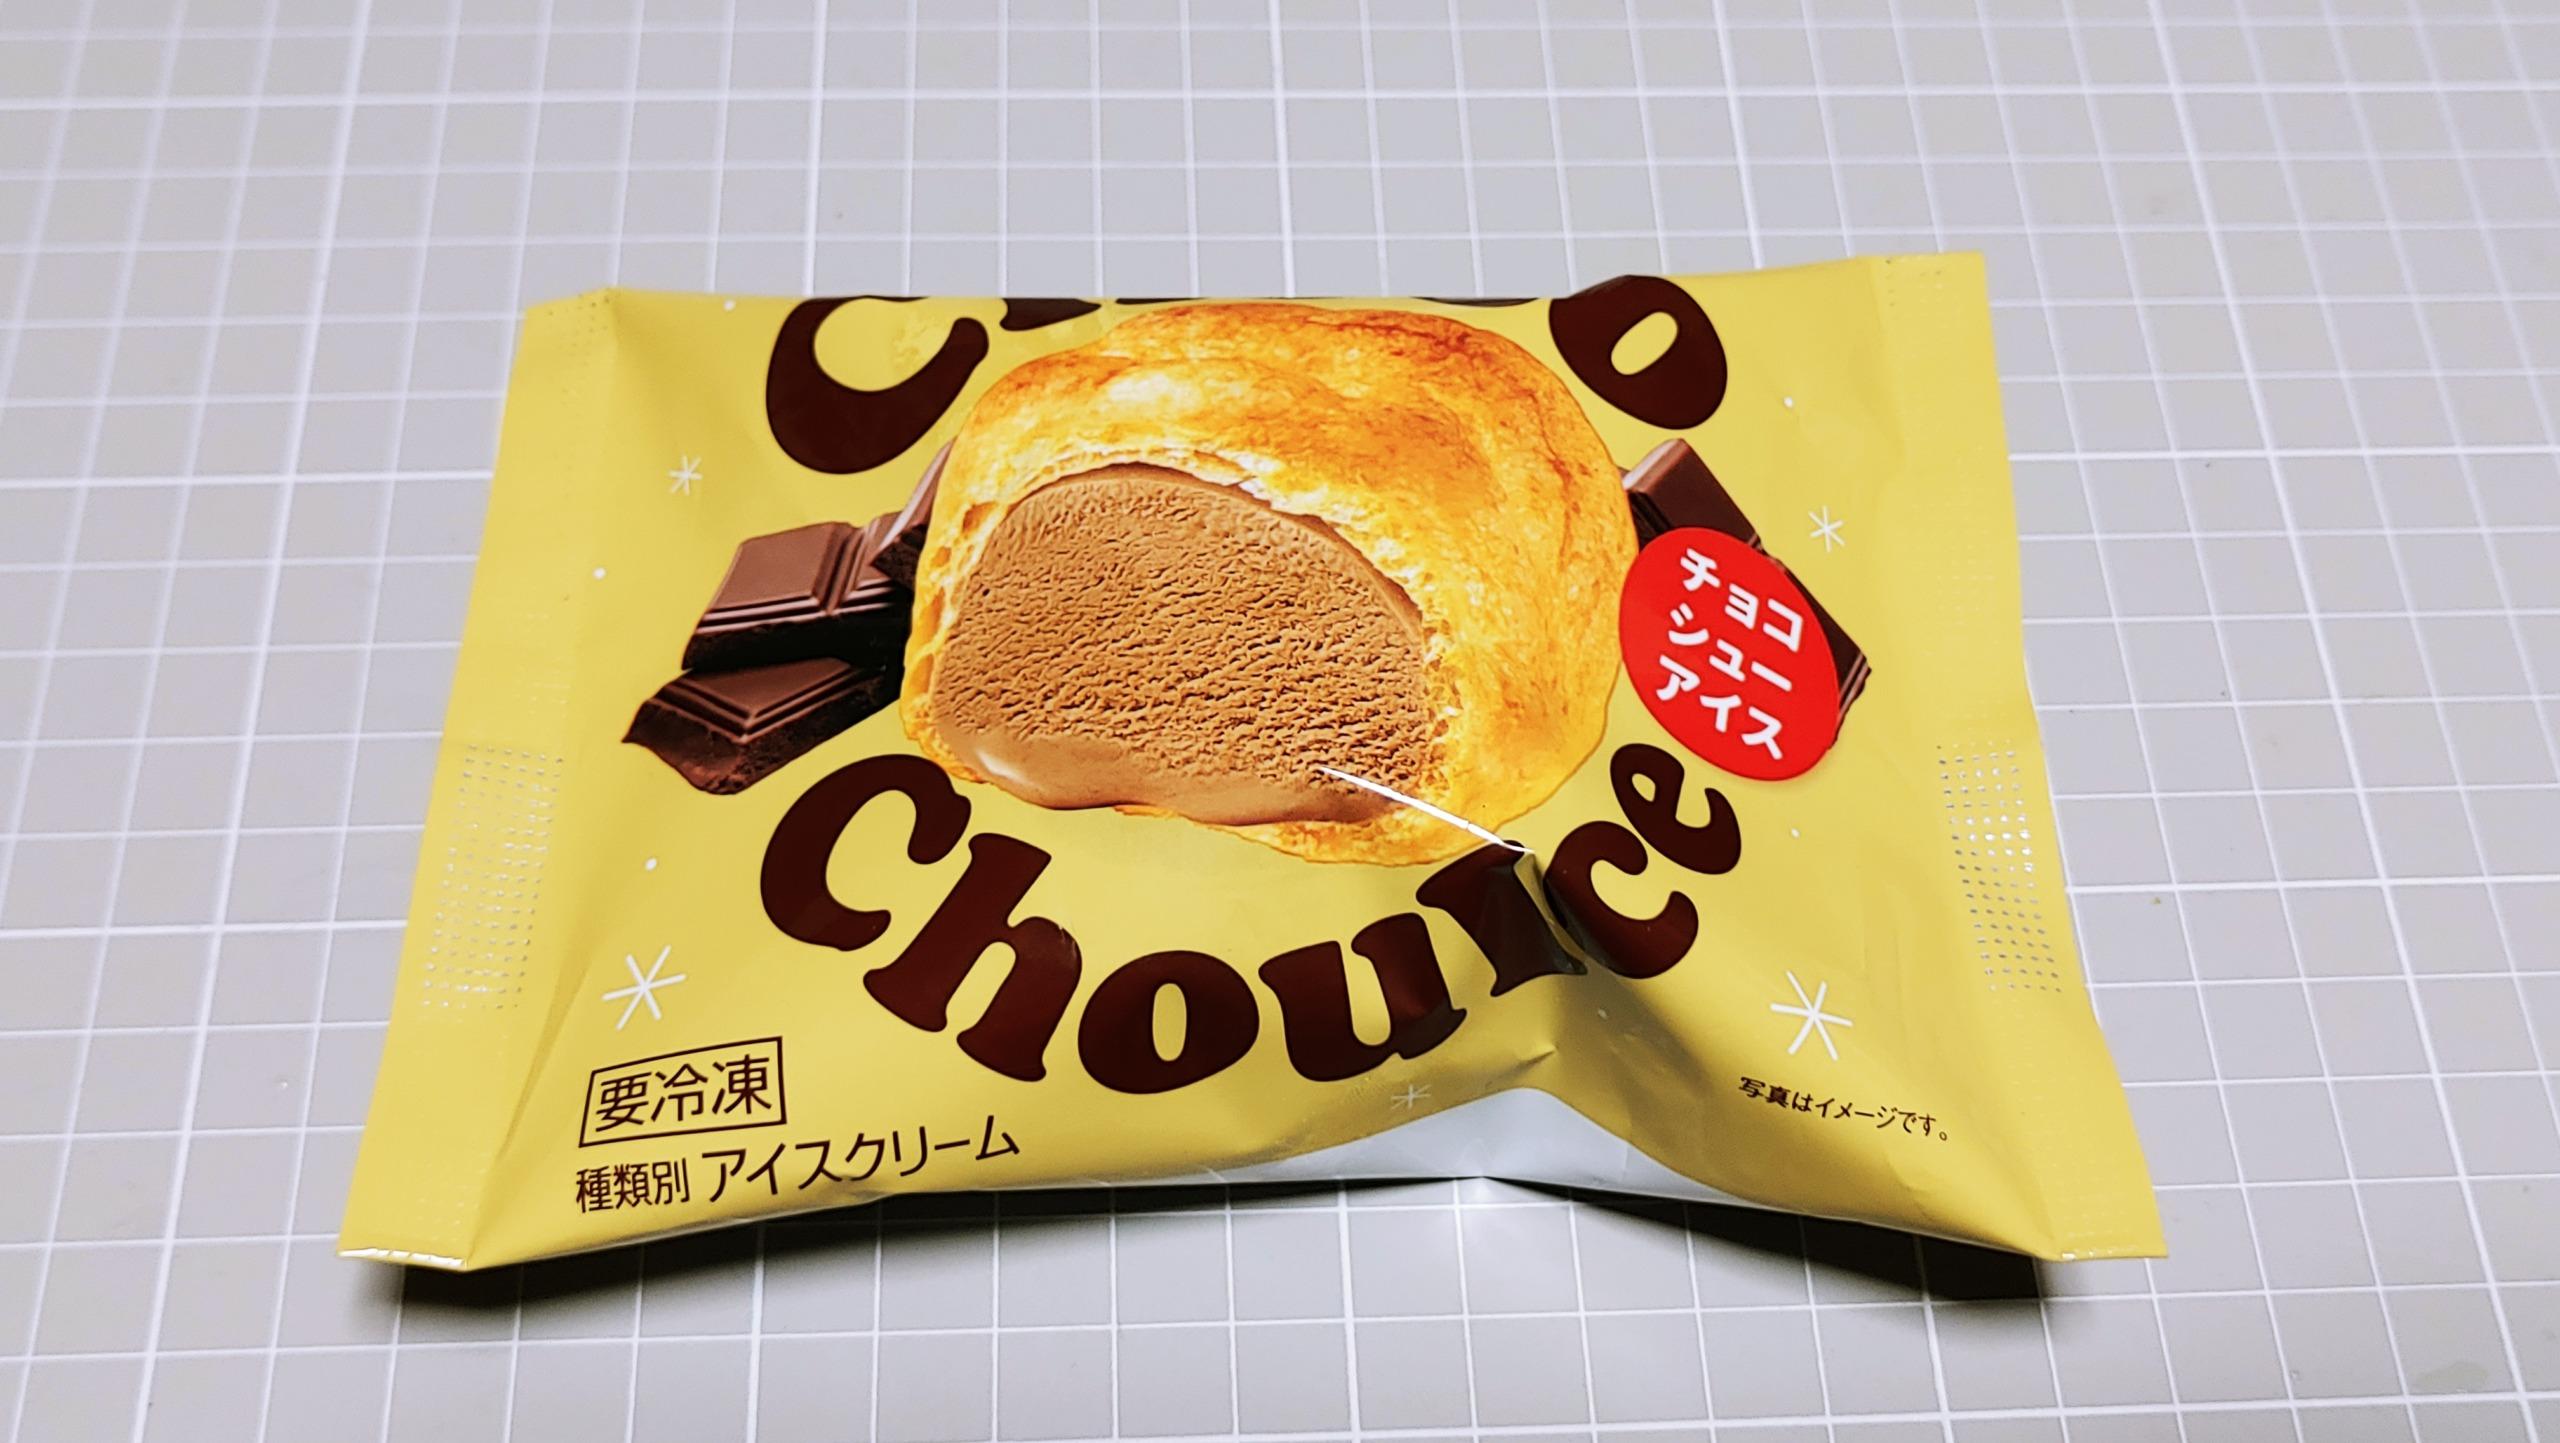 セブンイレブン チョコシューアイス